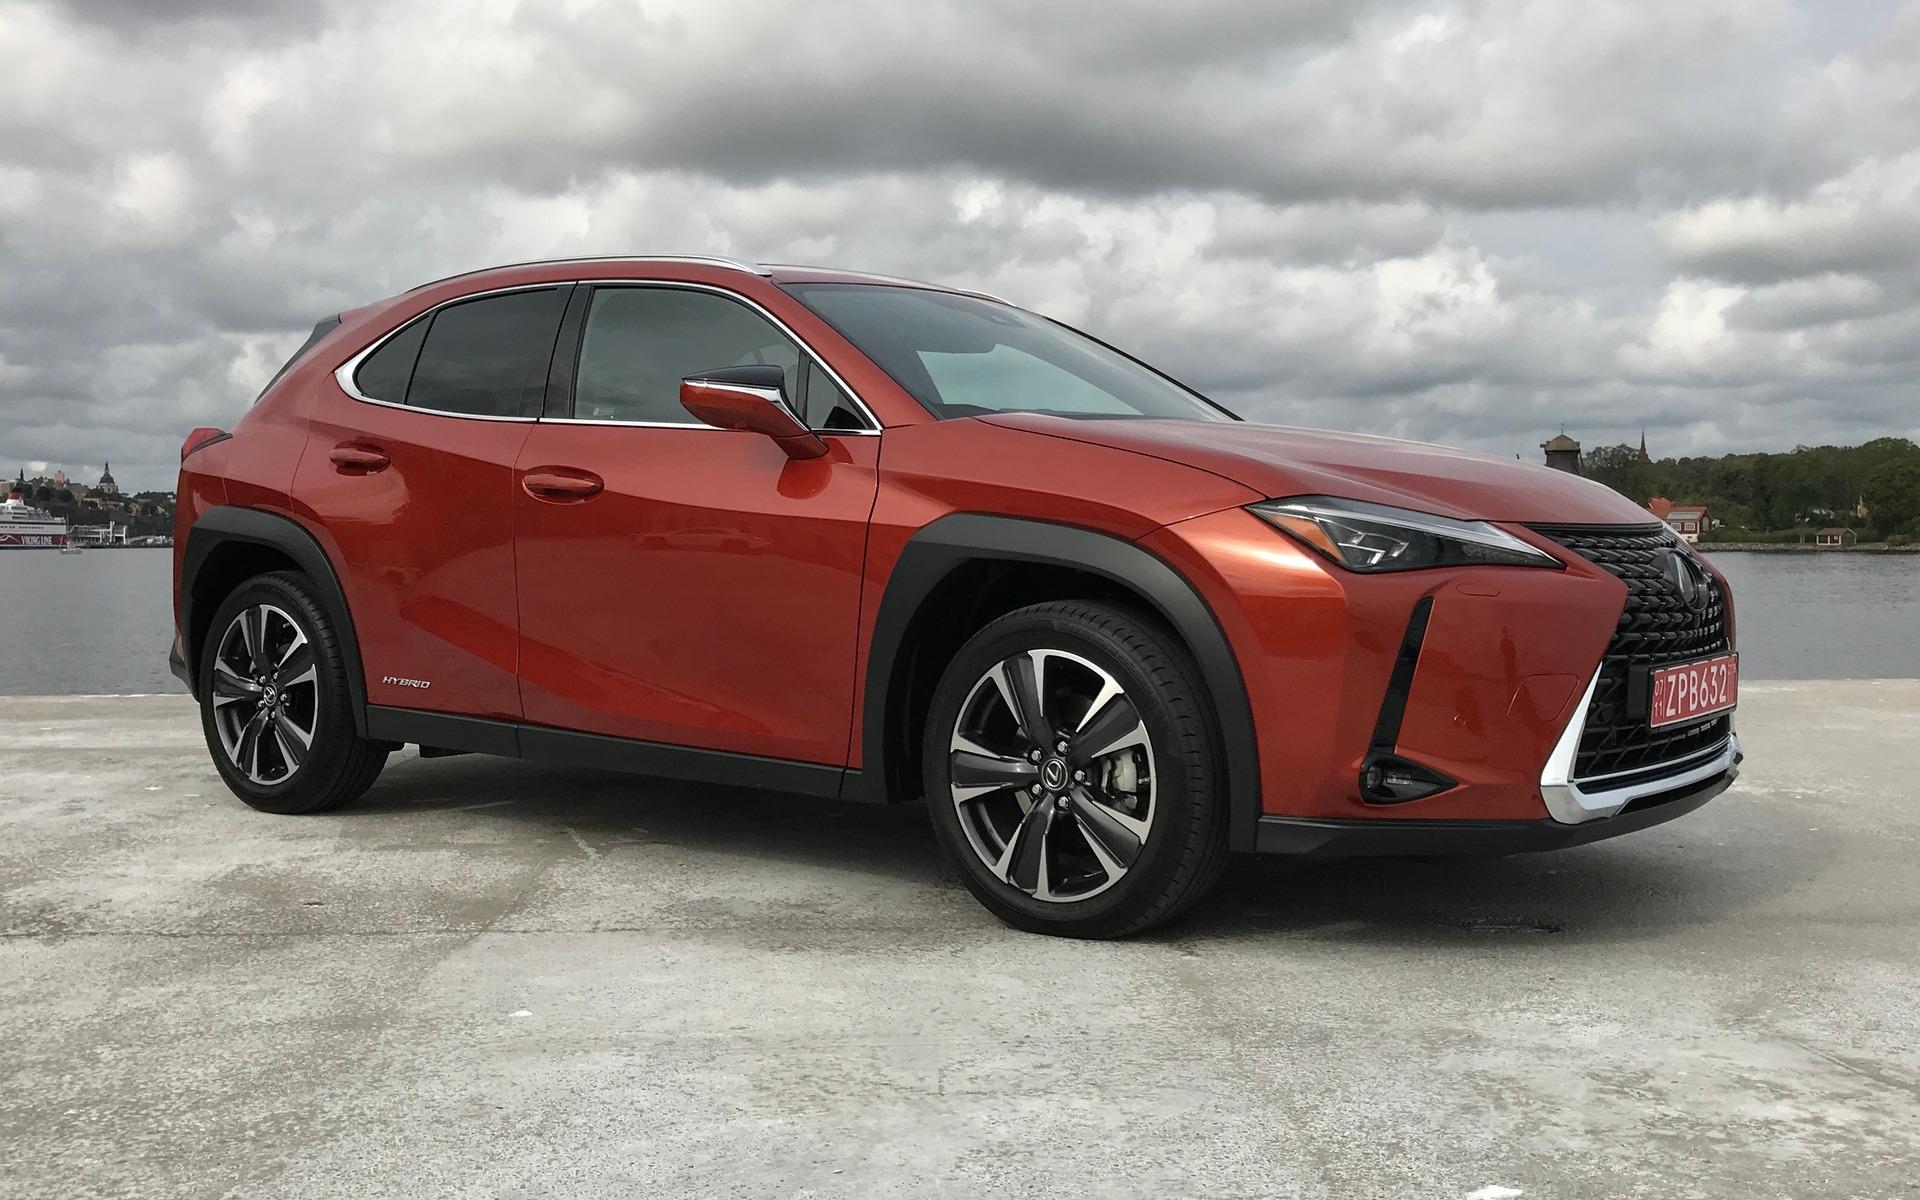 Lexus UX 2019 : tout ce qu'il faut savoir si ce modèle vous intéresse 347000_2019_Lexus_UX